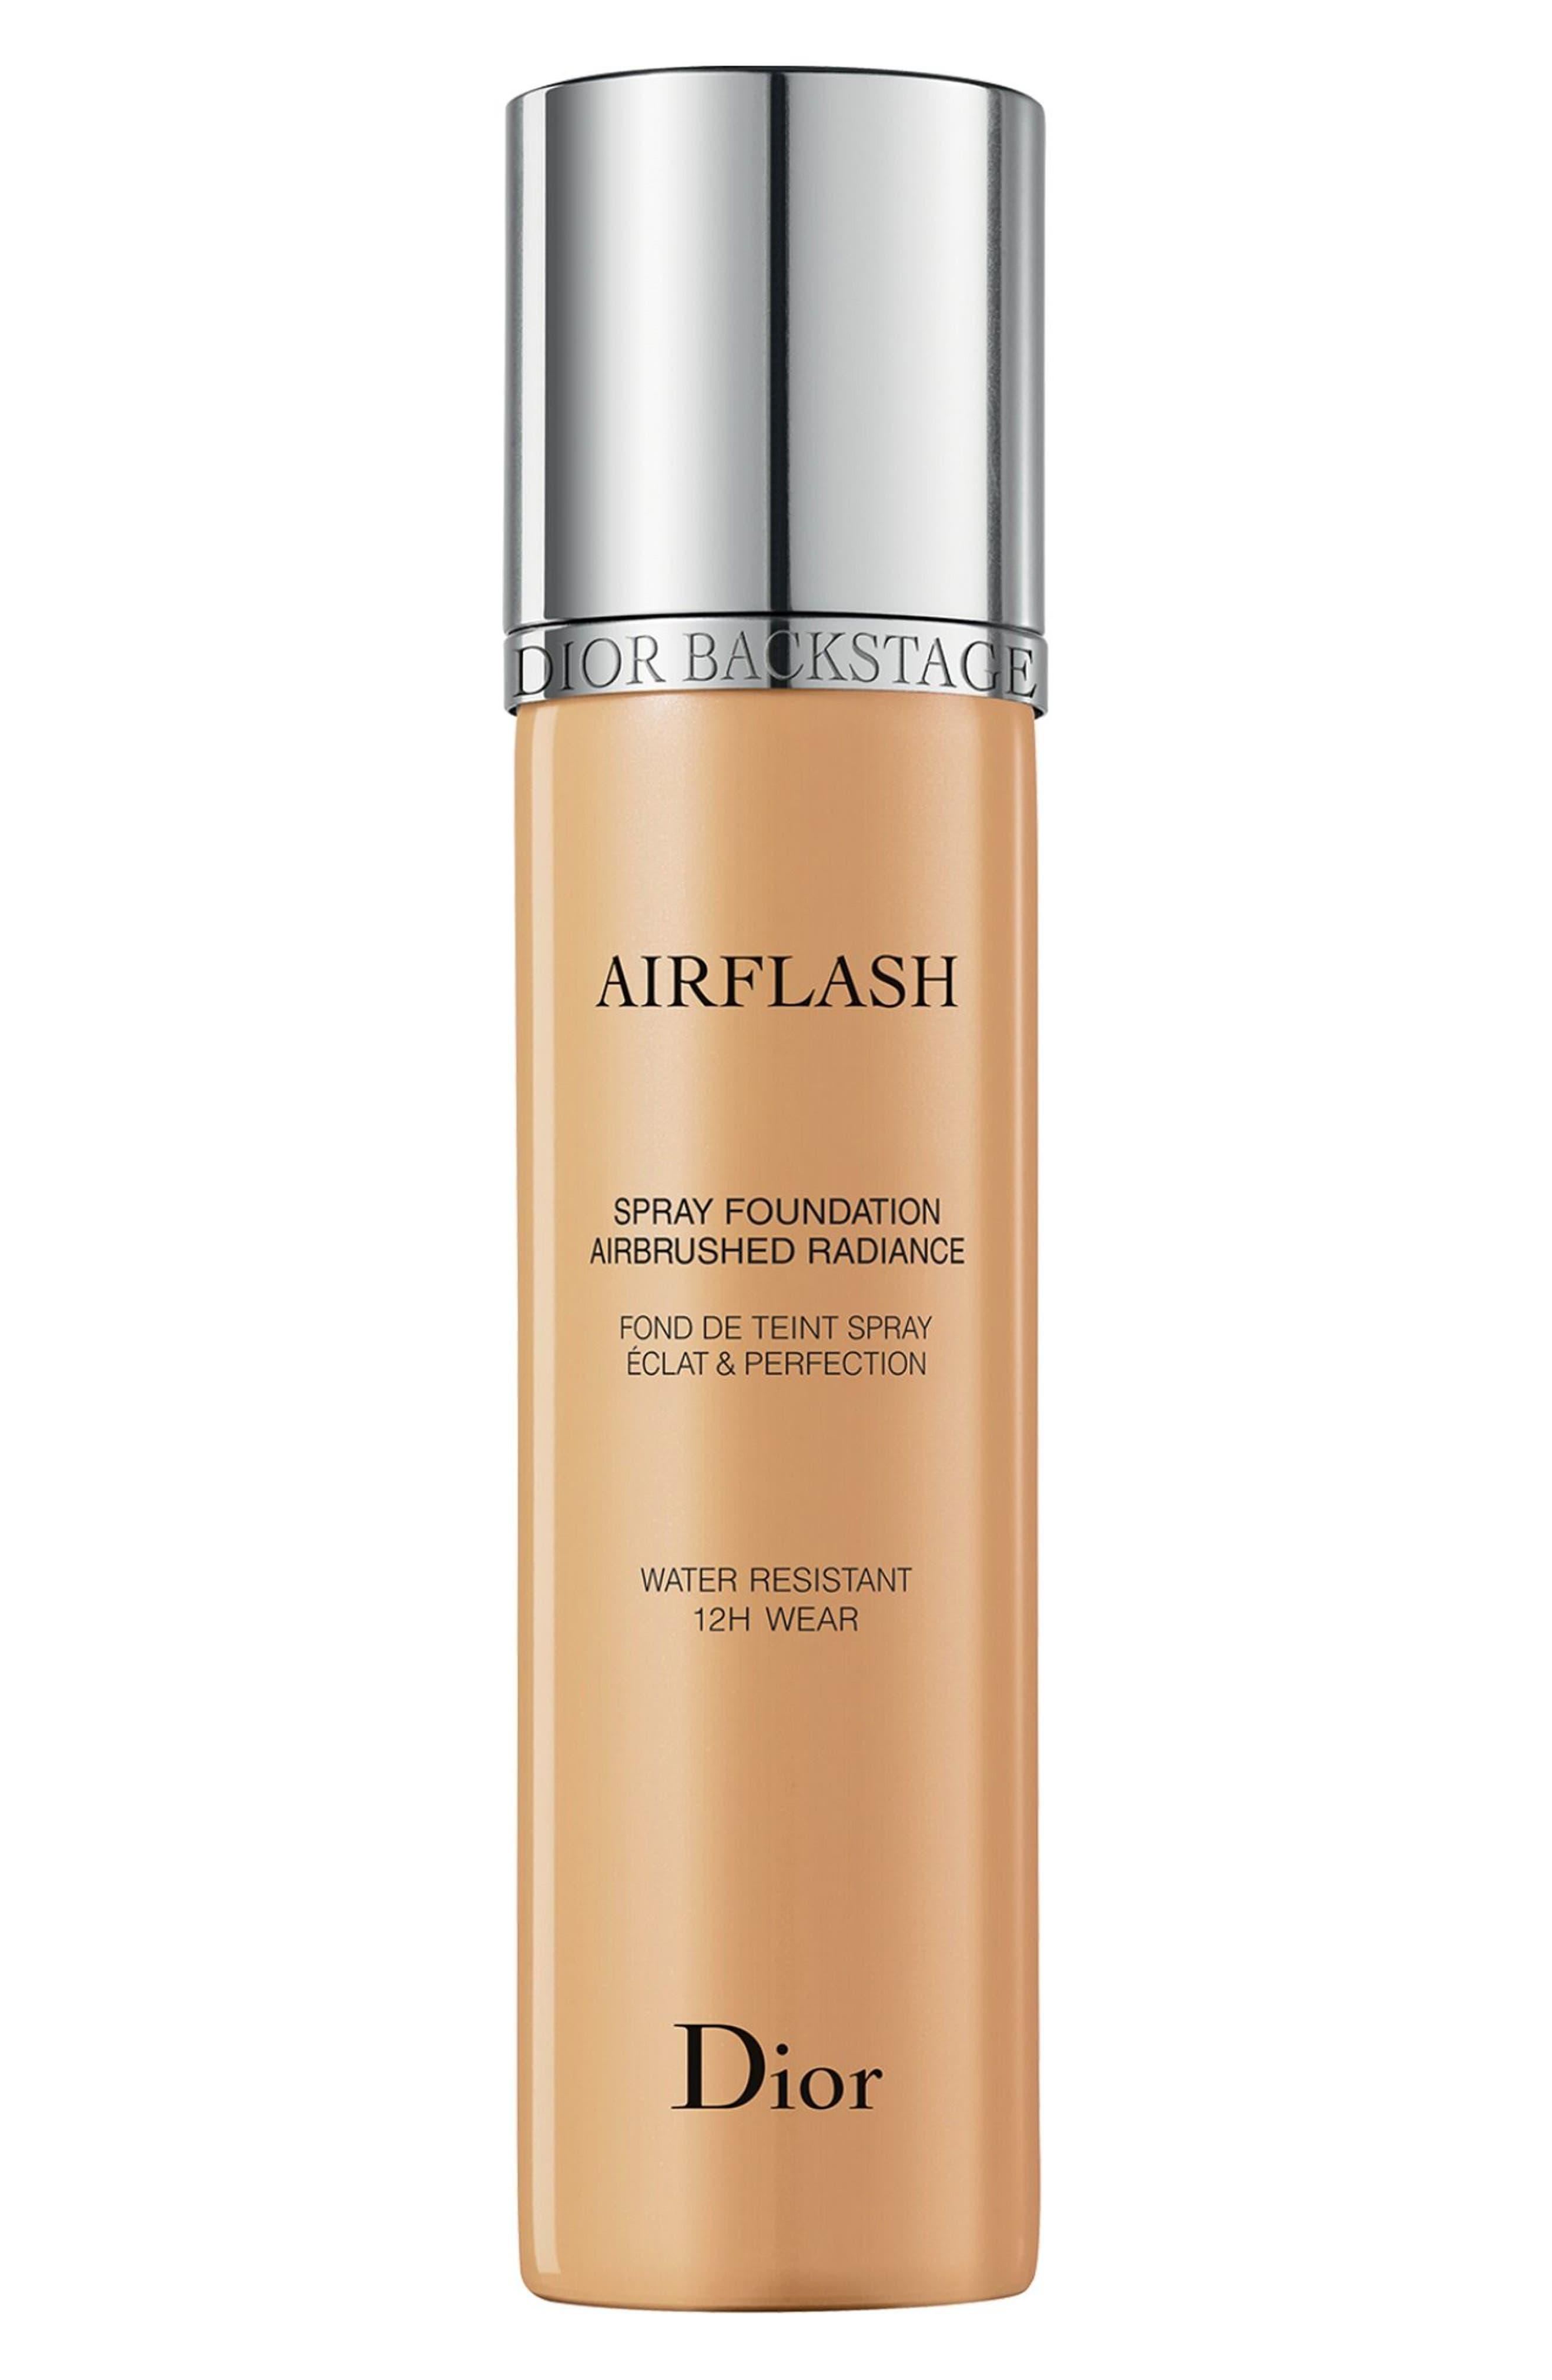 Dior Diorskin Airflash Spray Foundation - 321 Amber Beige